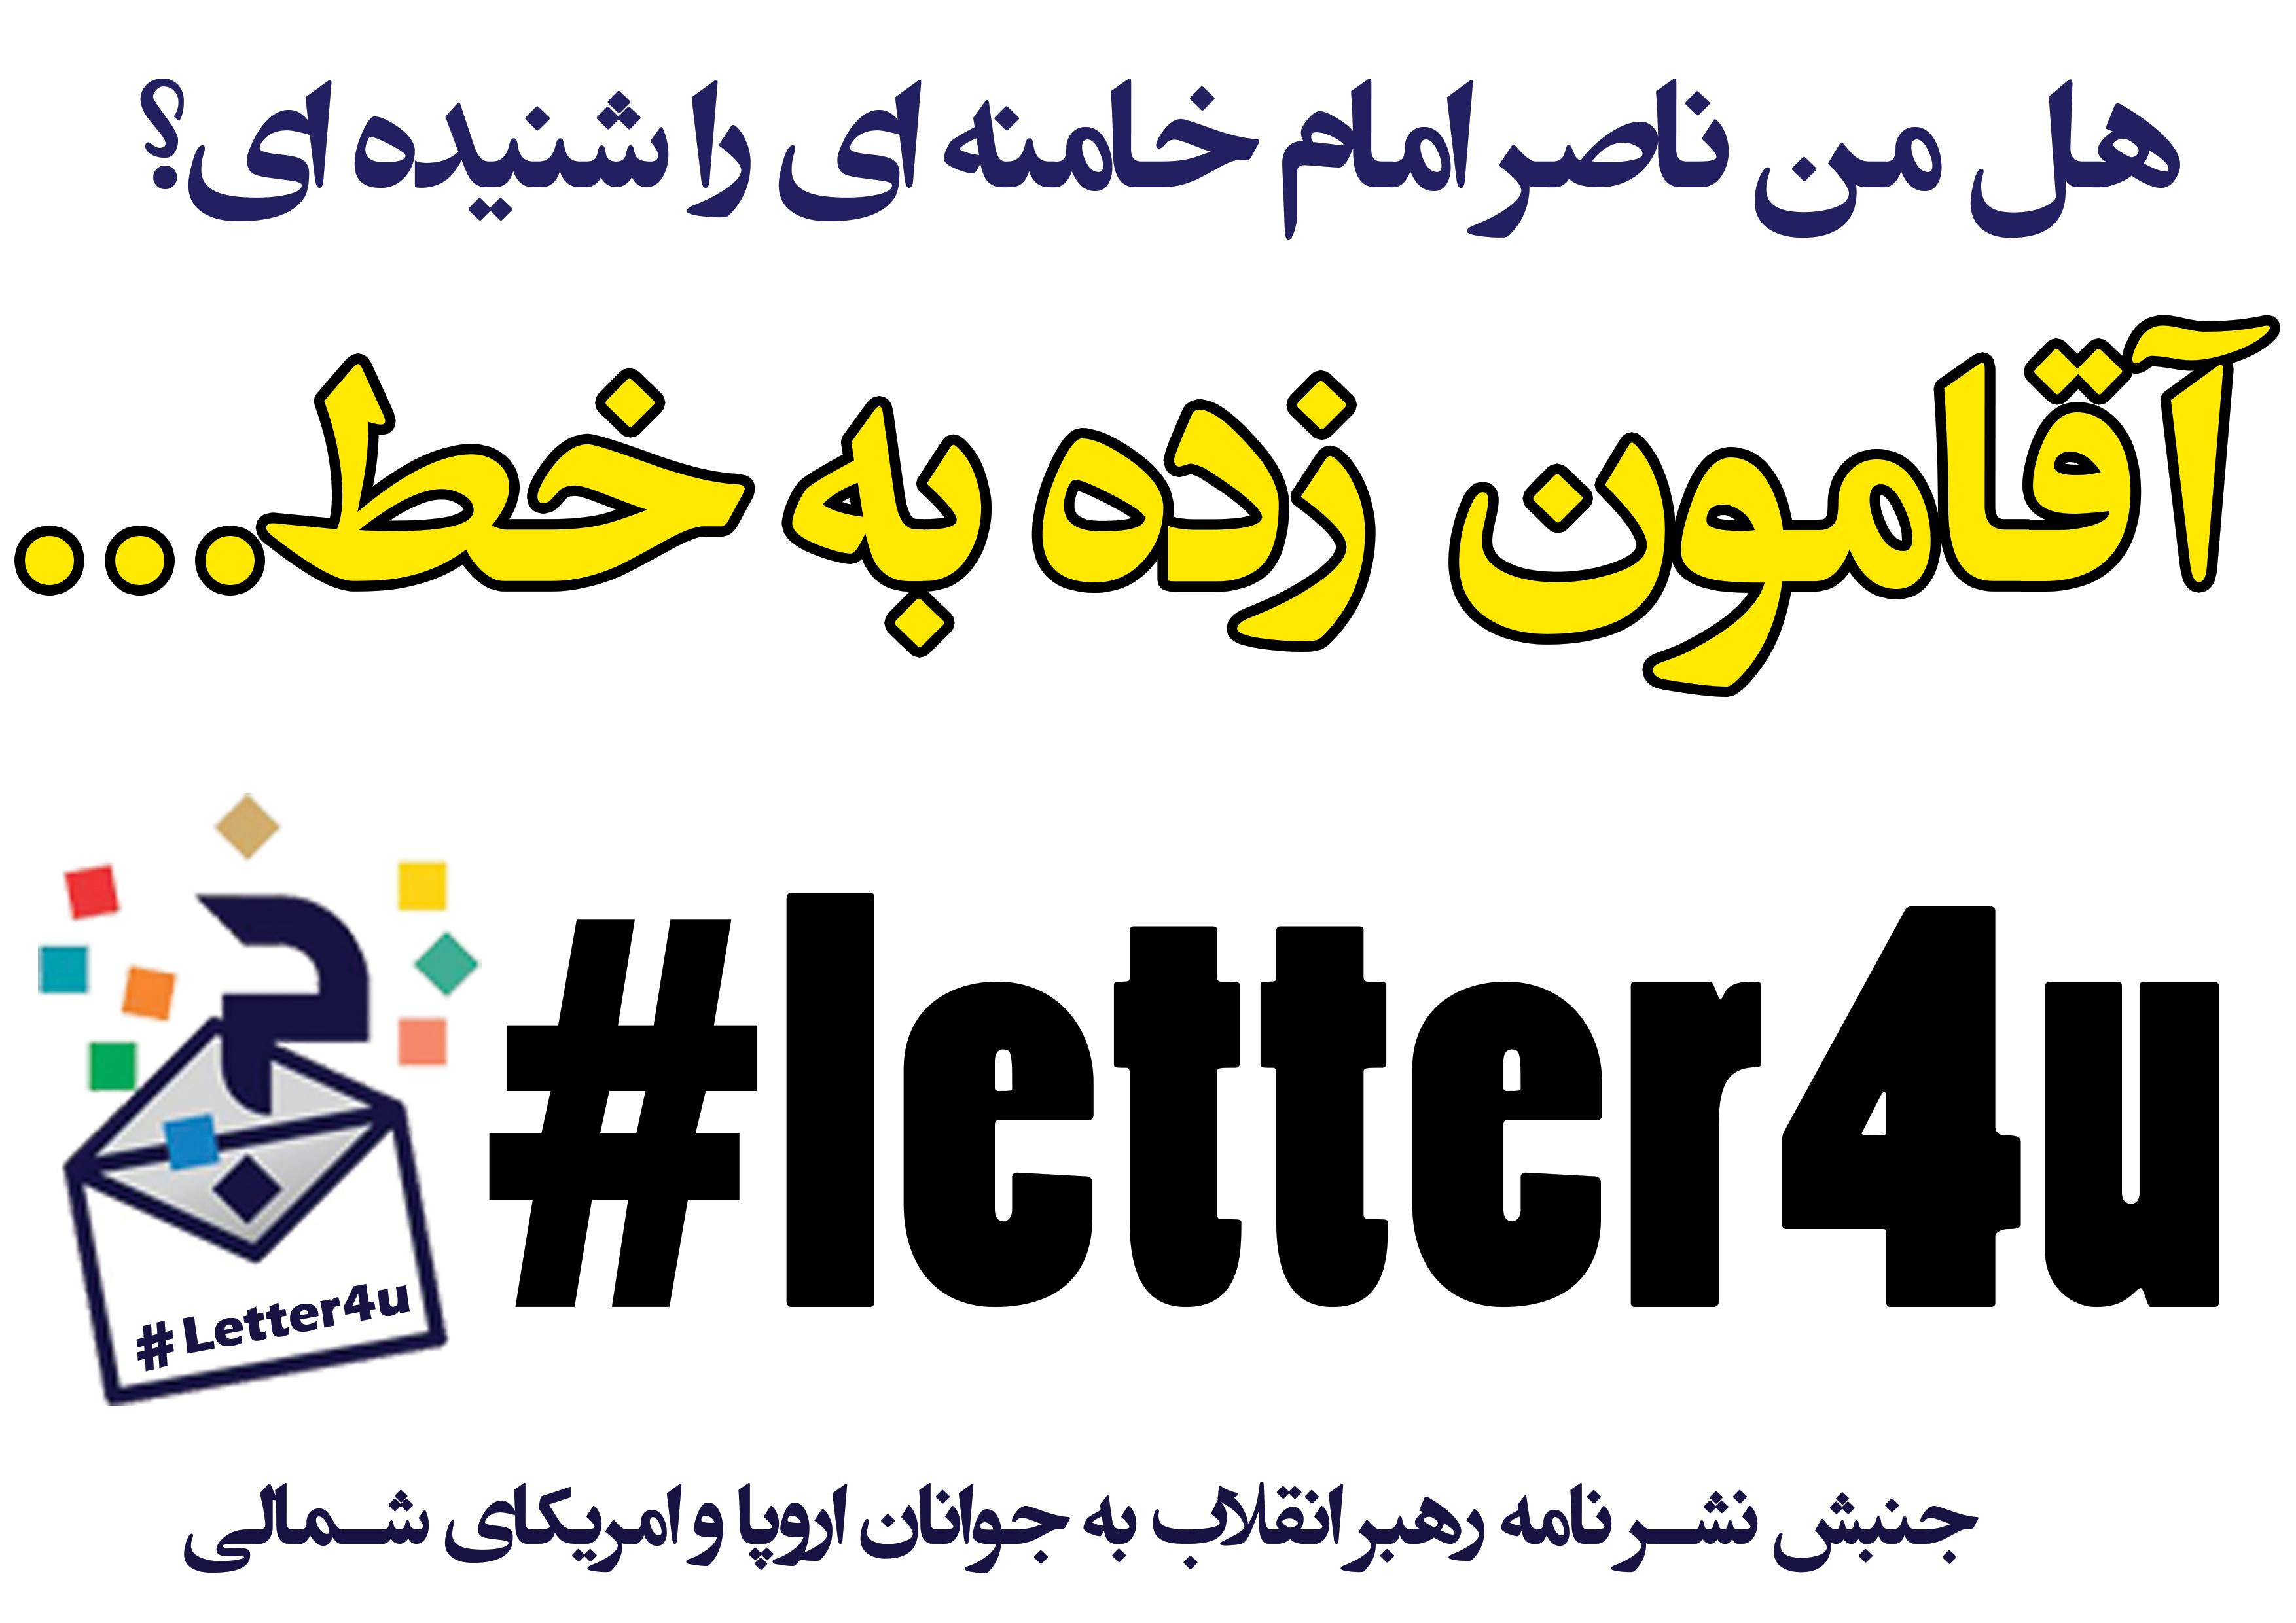 letter4u-22bahman-3